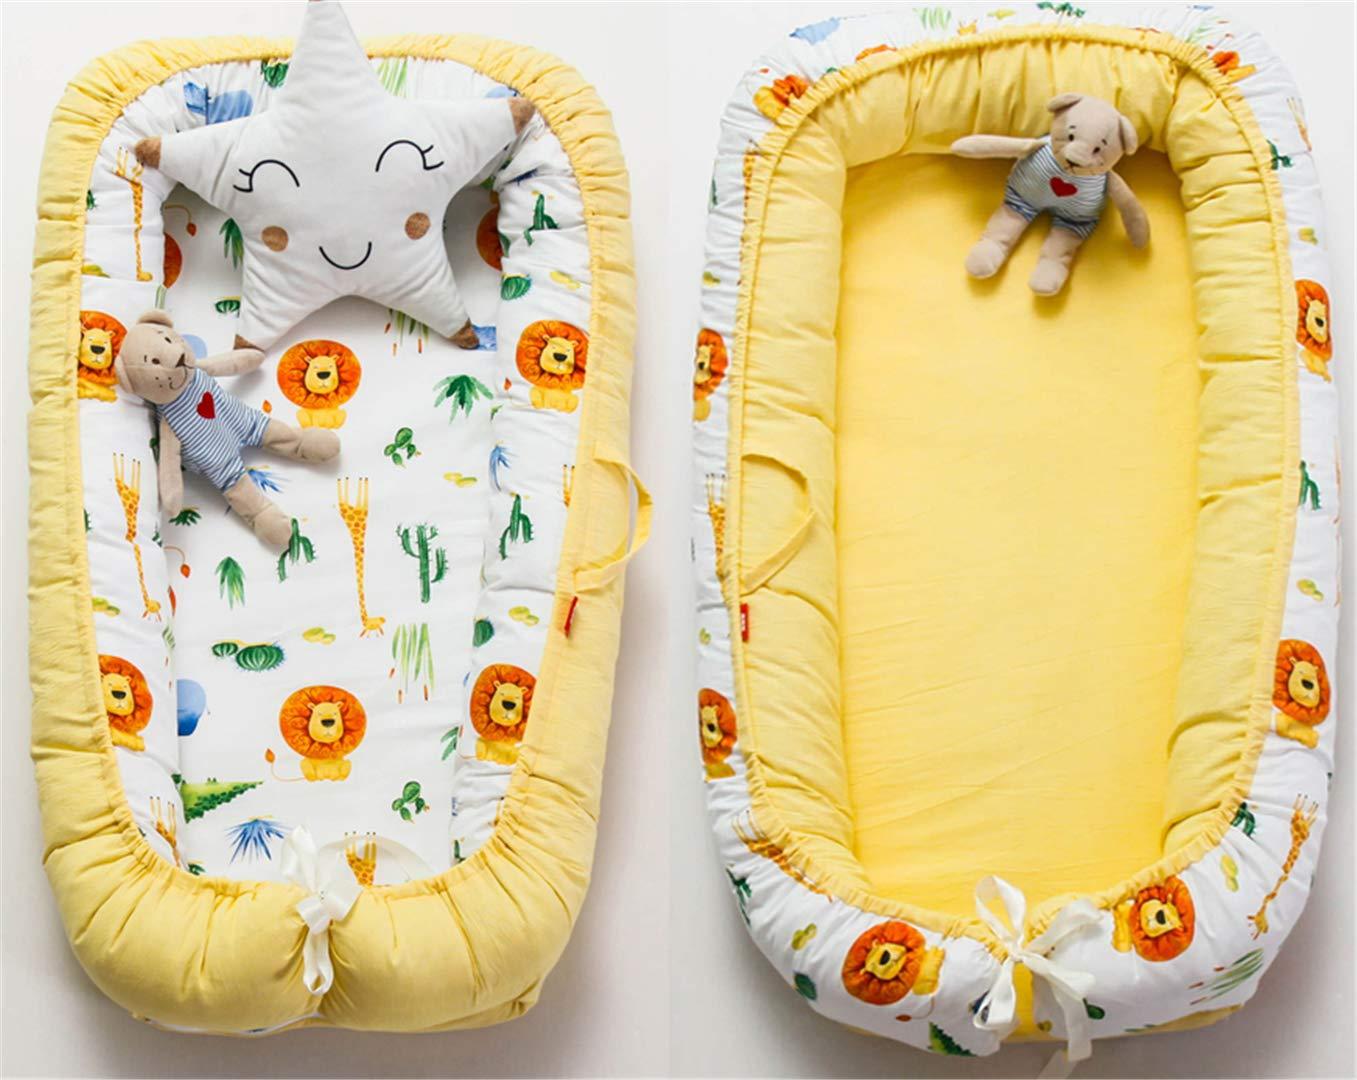 Hayisugar Babynest Nestchen Kuschelnest Matratze im Bett Faltbett Doppelseitig Babybett Weiches und sicheres Baby-Reisebett Babynestchen Blau Hei/ßluftballon 90cm x 55cm x15cm